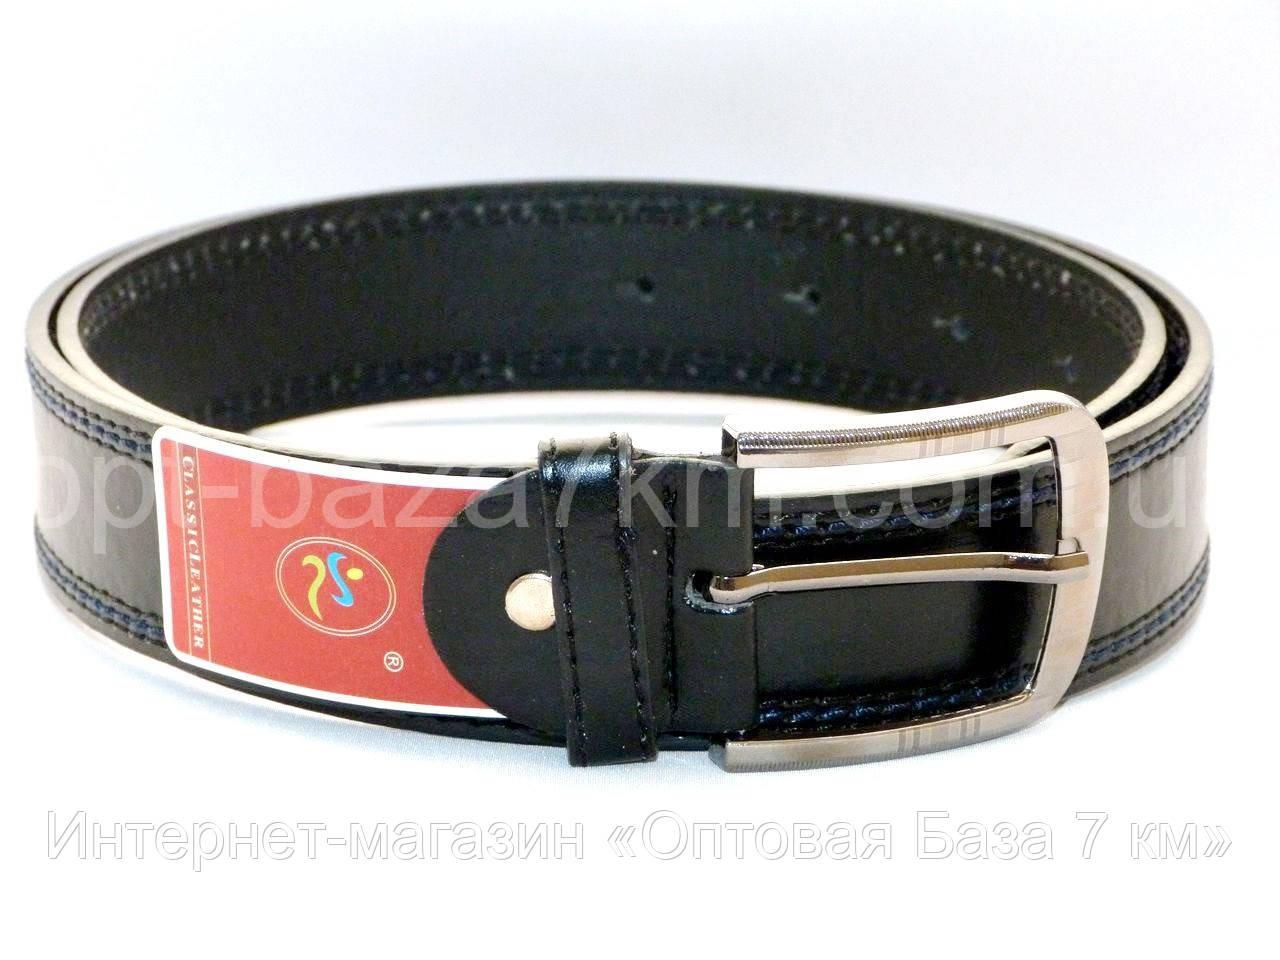 6b8f25efc751 Ремень мужской оптом классический с прошивкой купить в одессе 7 км - копии  брендов